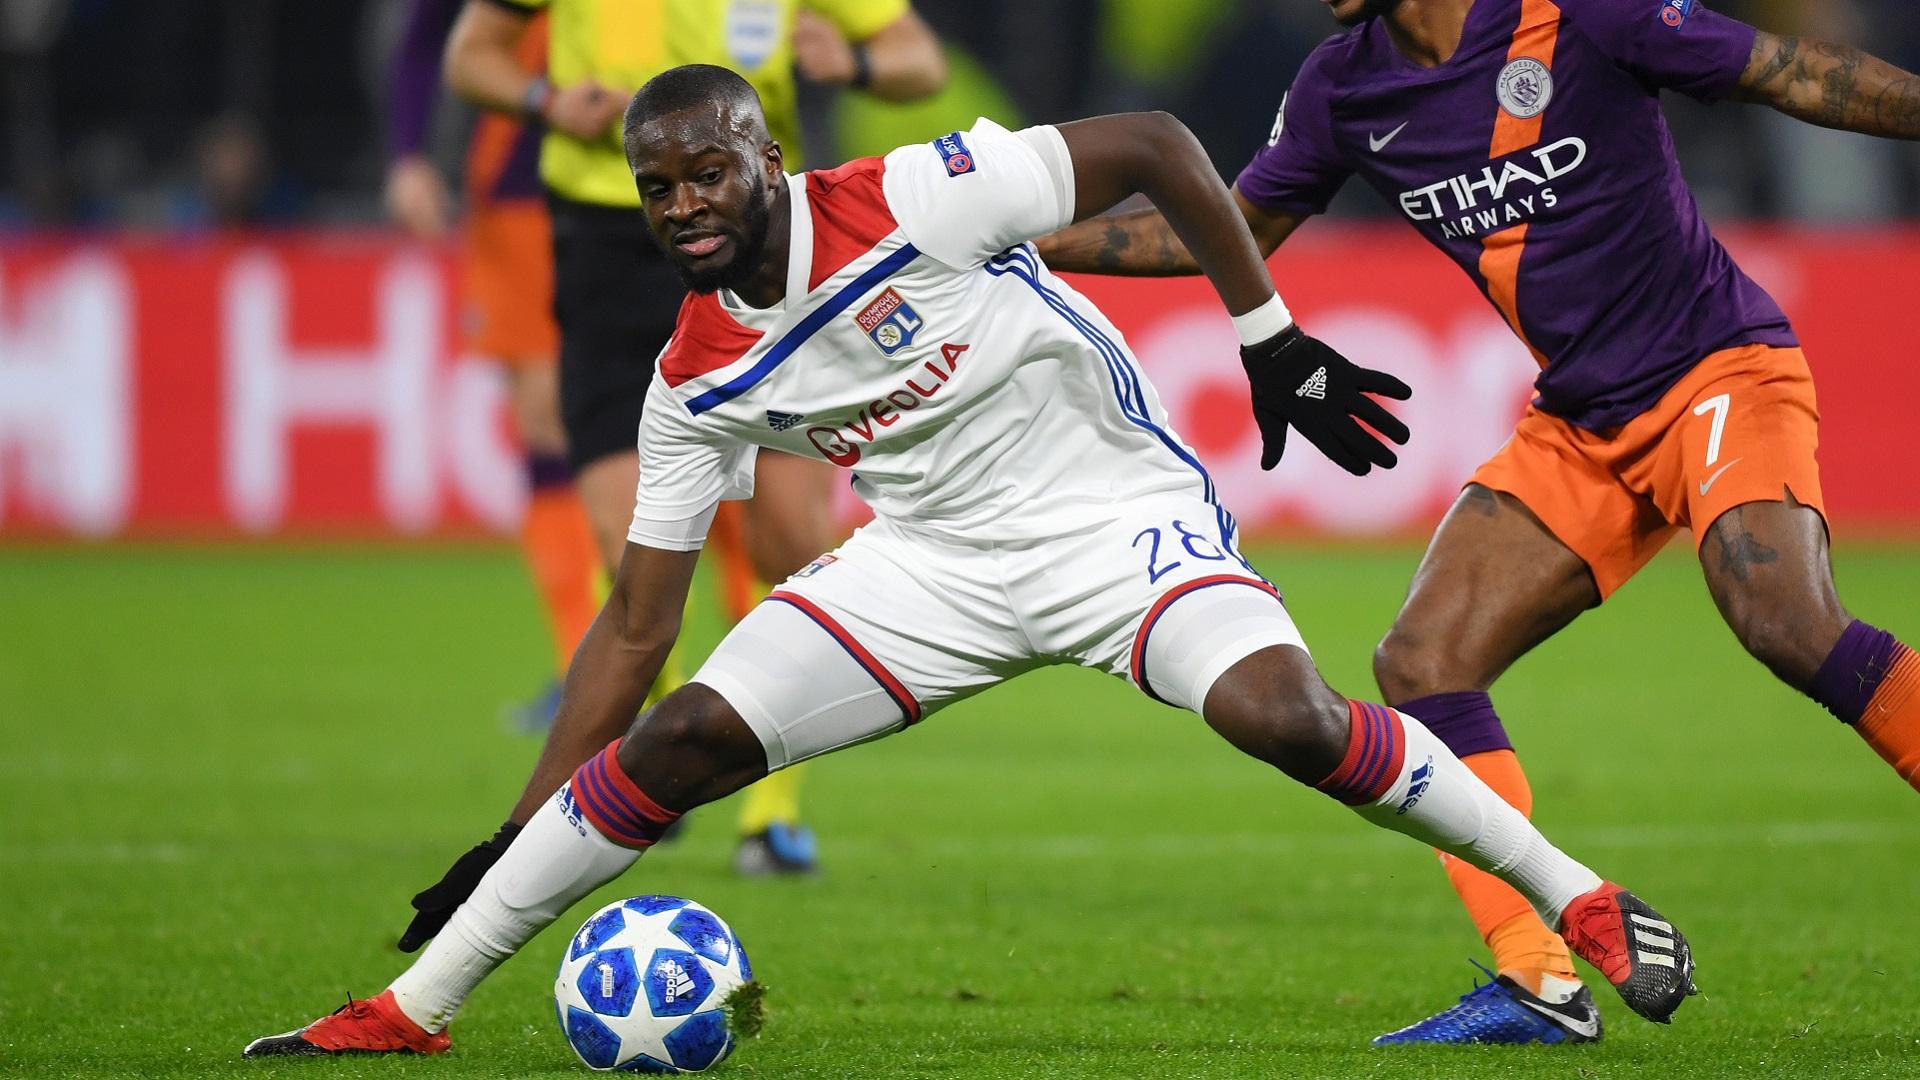 Transfergerücht: Zinedine Zidane wünscht sich Tanguy Ndombele von Olympique Lyon bei Real Madrid